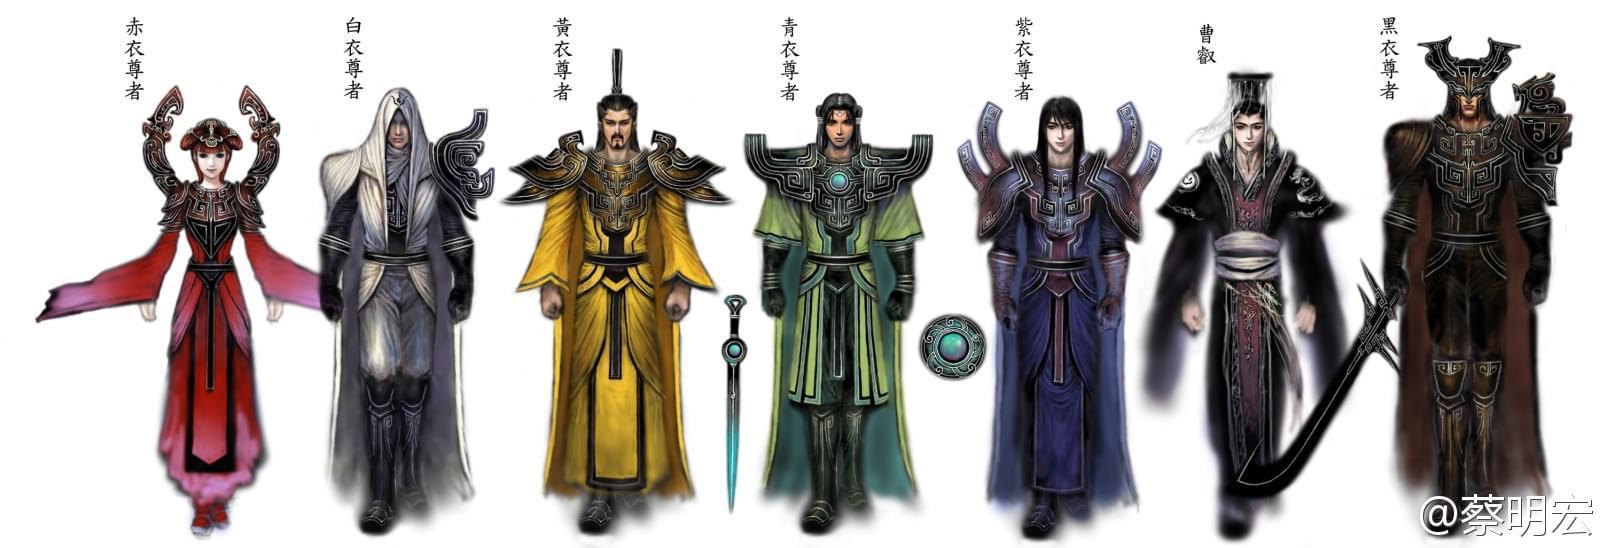 """《轩辕剑》中,曹操麾下同样有一支名为""""铜雀尊者""""的刺客组织"""